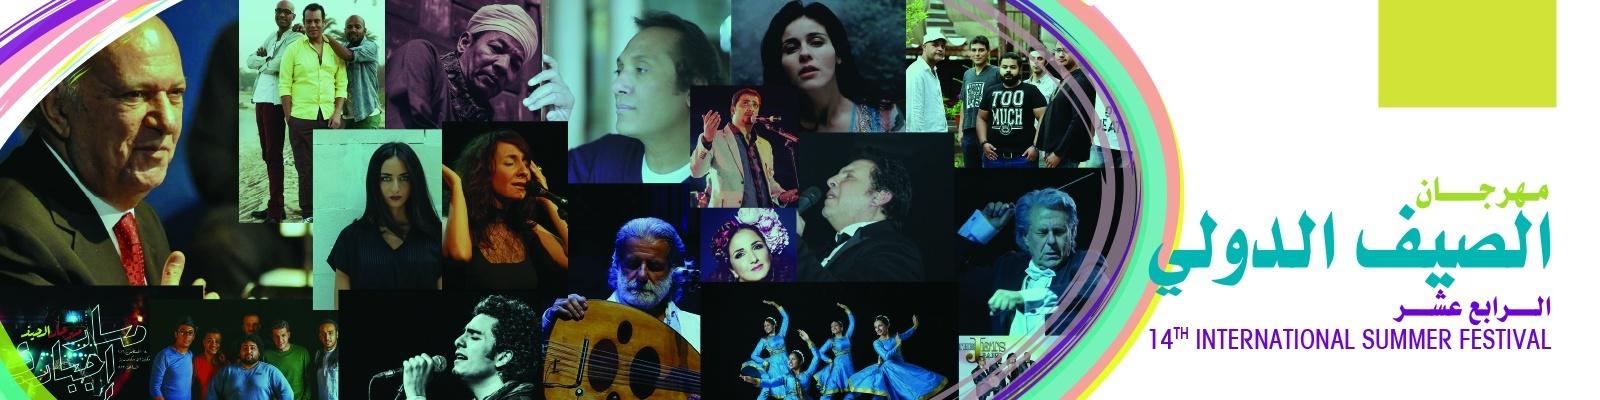 مهرجان الصيف الدولي الرابع عشر